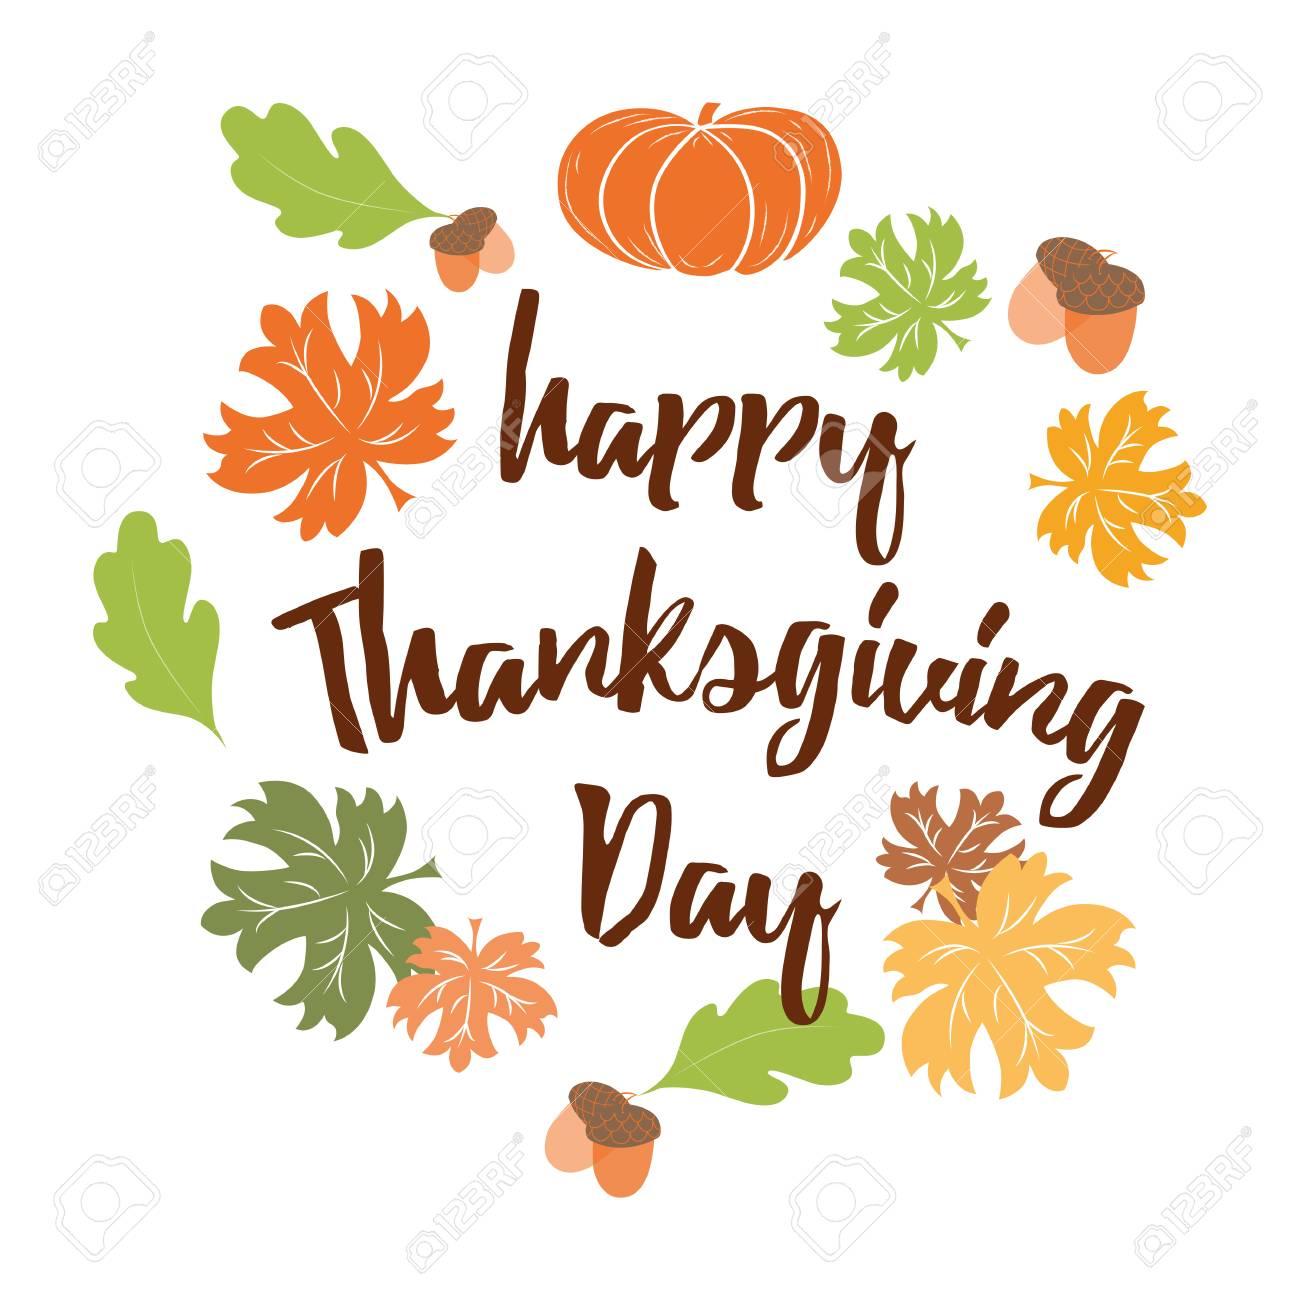 Hand Drawn Thanksgiving Wish Happy Thanksgiving Day Orange Pumpkin